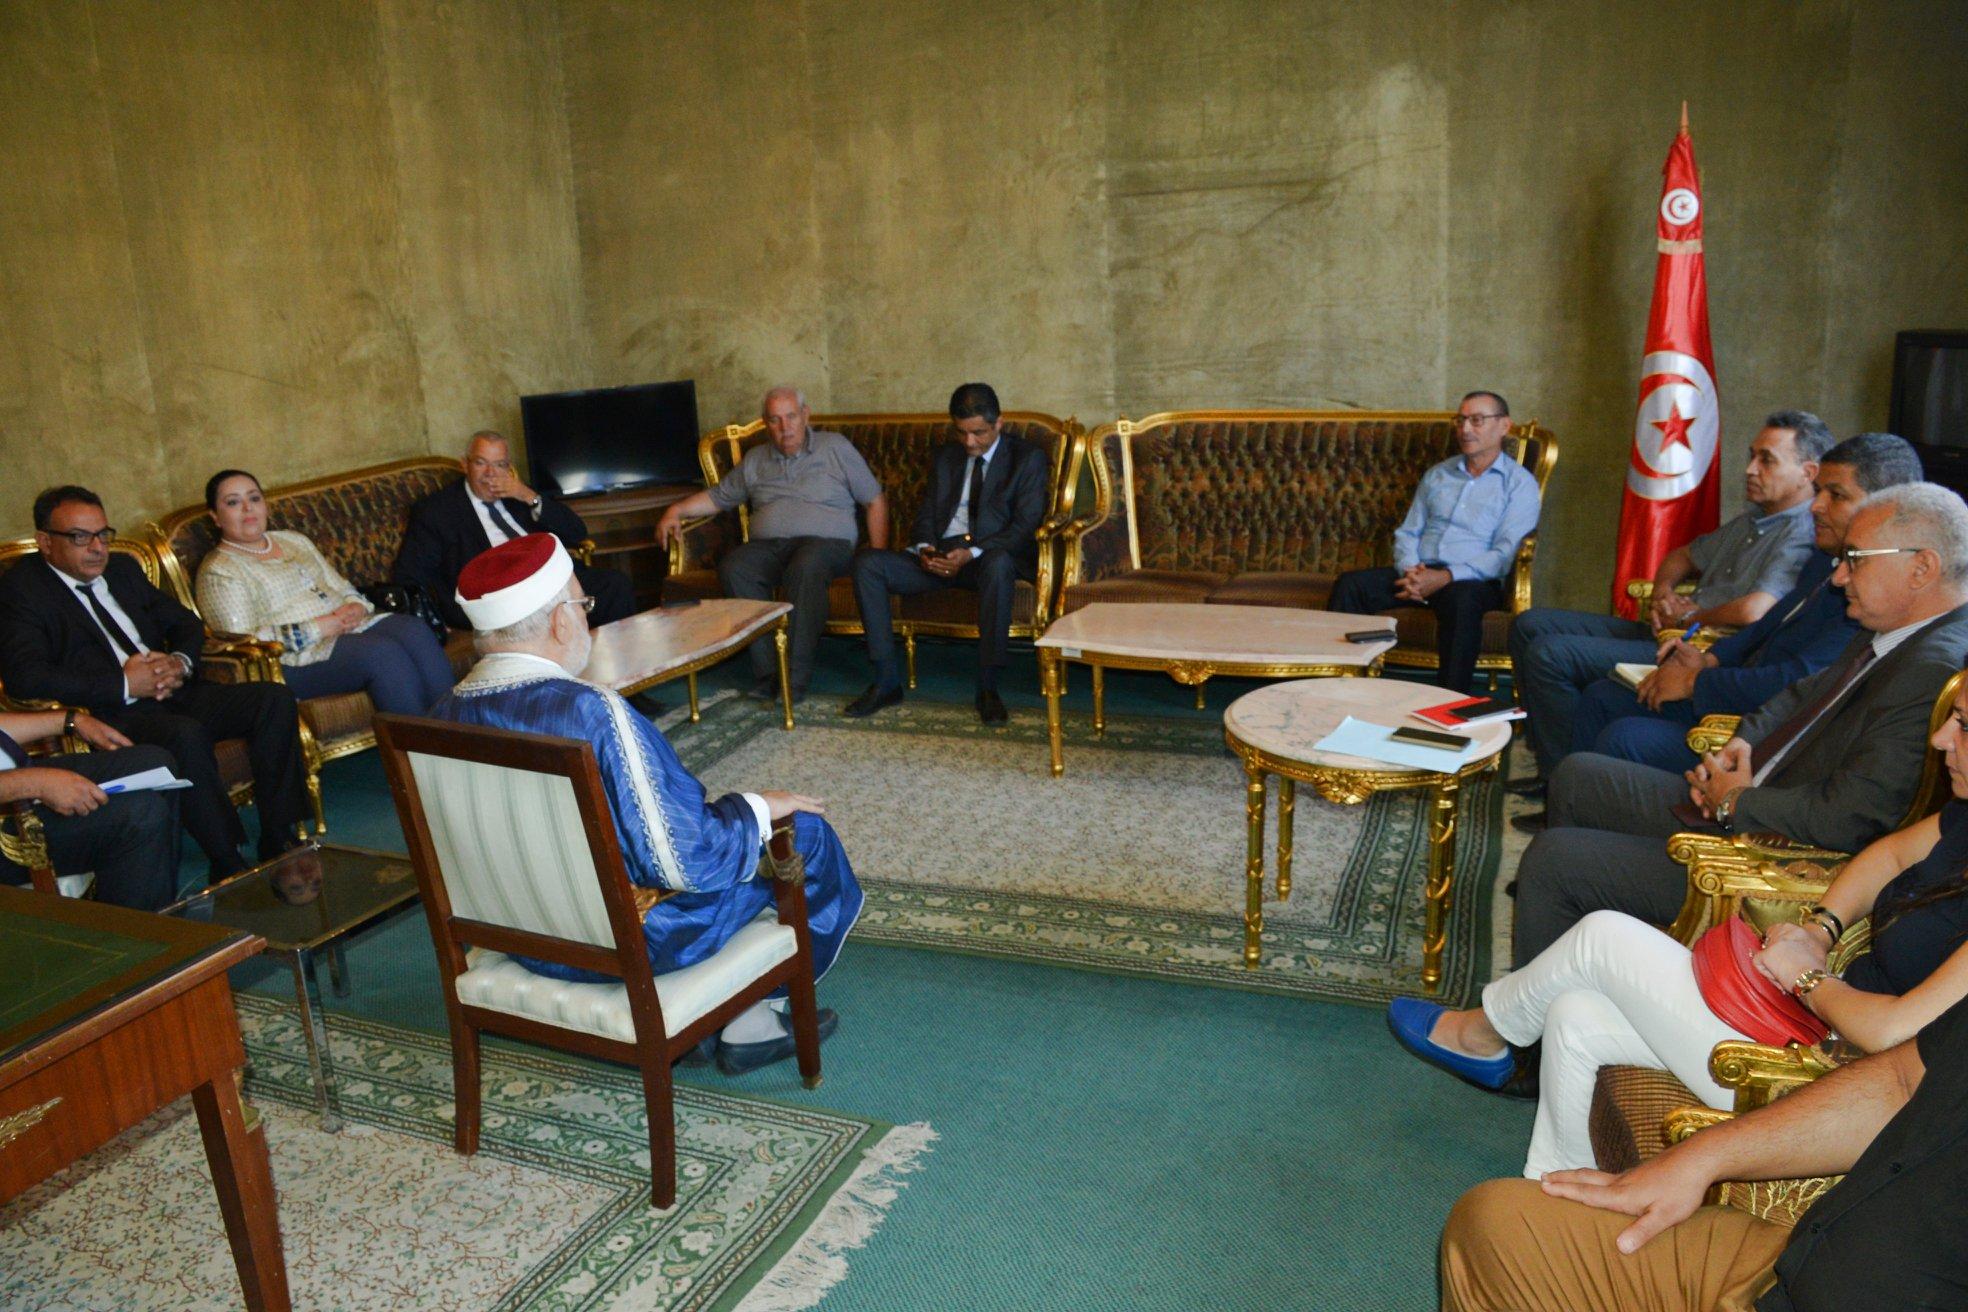 غدا : جلسة عامة بالبرلمان لتأبين الرئيس الراحل الباجي قايد السبسي